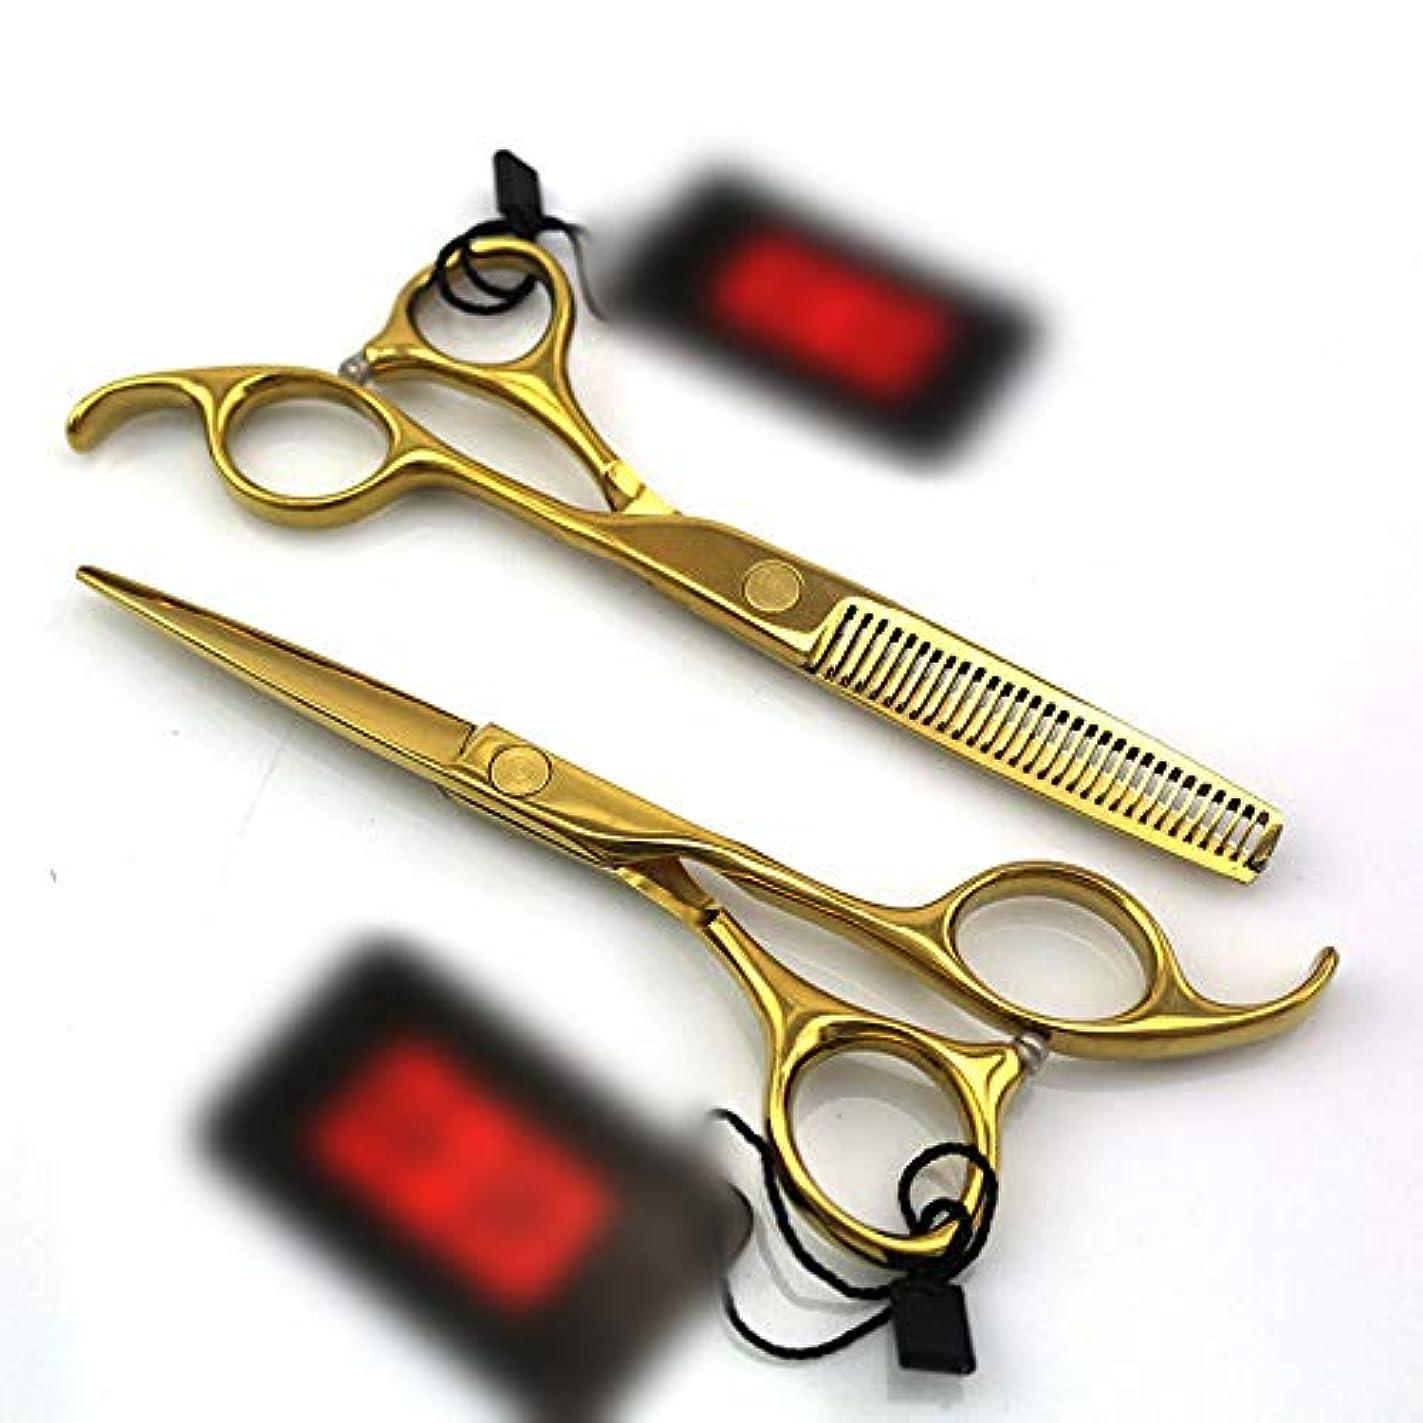 幸運引く時々5.5インチのまっすぐなハンドルの理髪師のめっきの金の専門の理髪セット ヘアケア (色 : ゴールド)